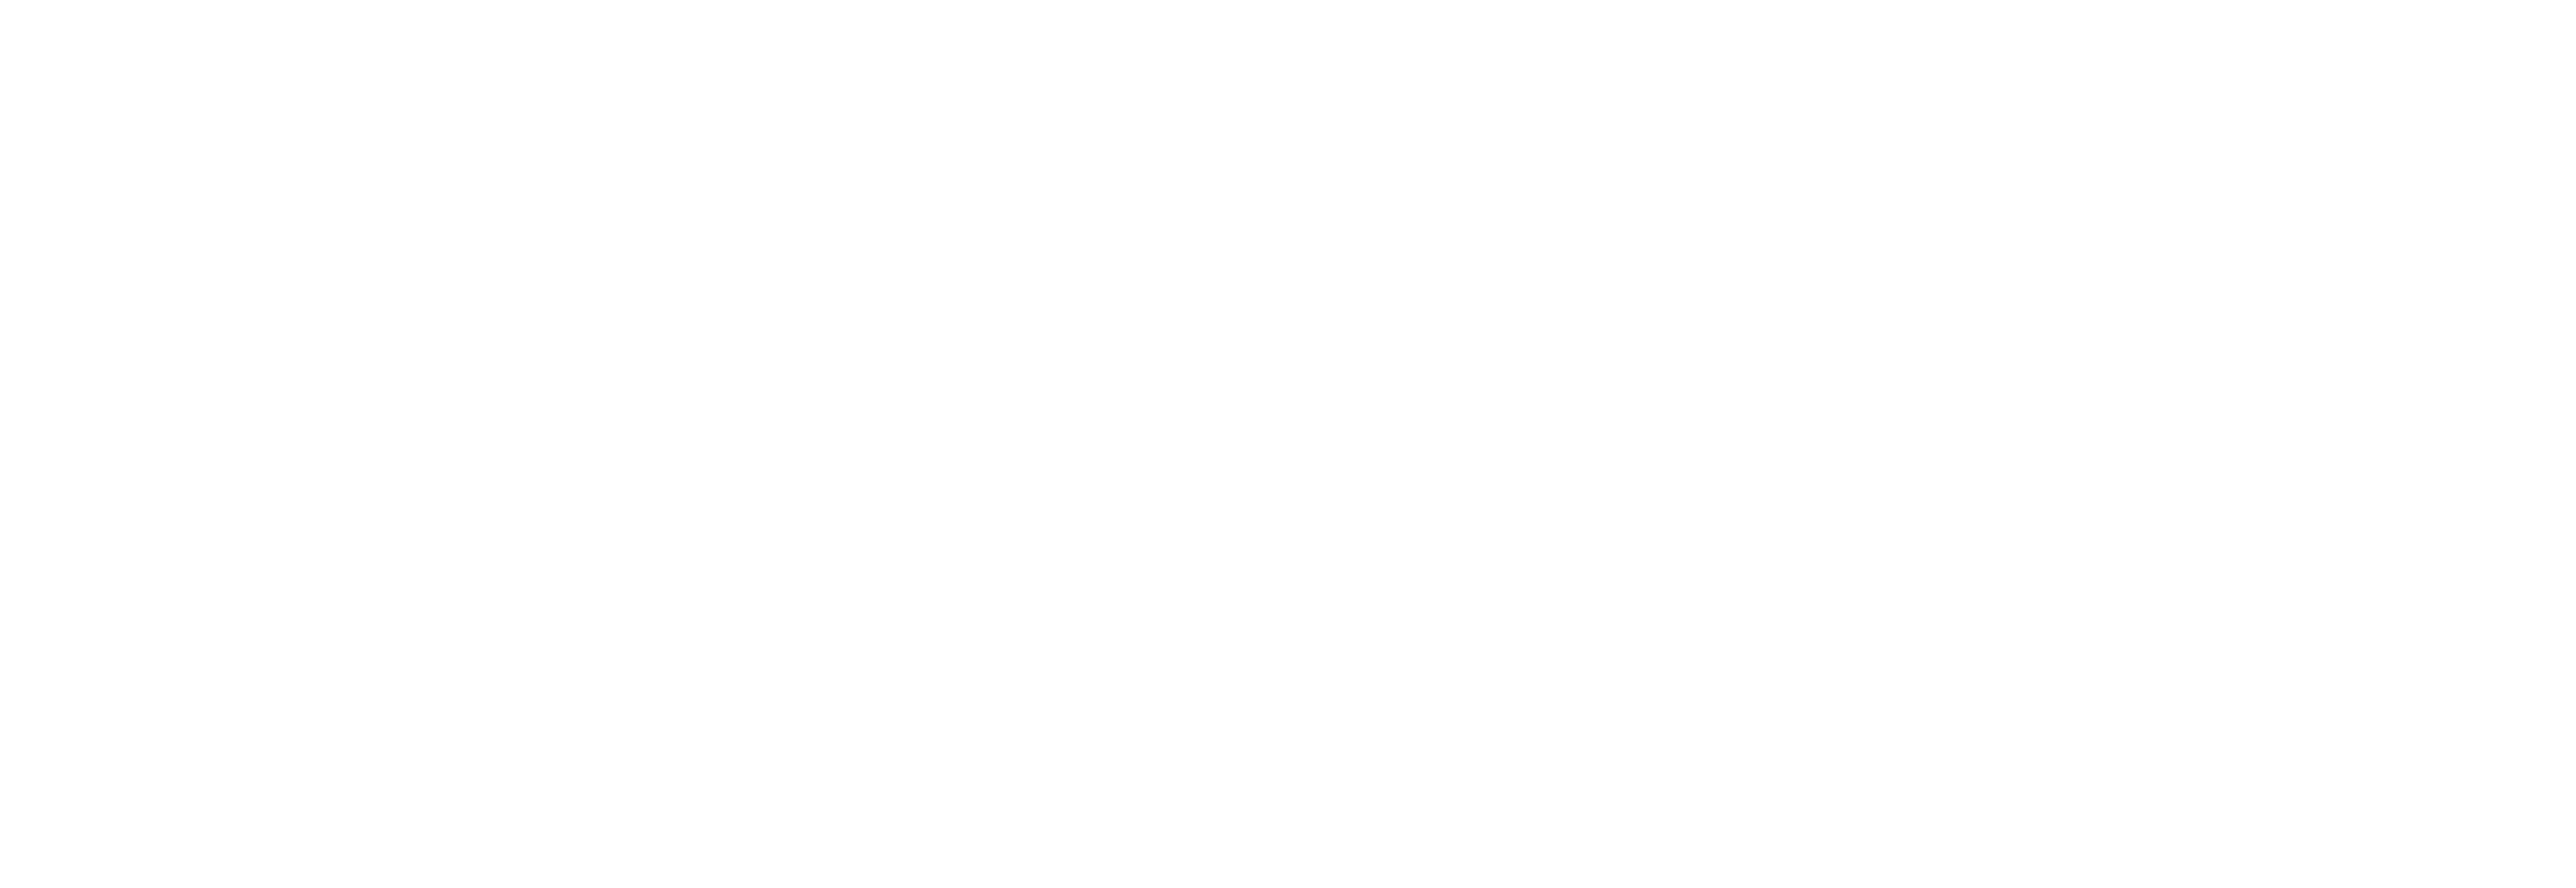 logo dk 2021 width=